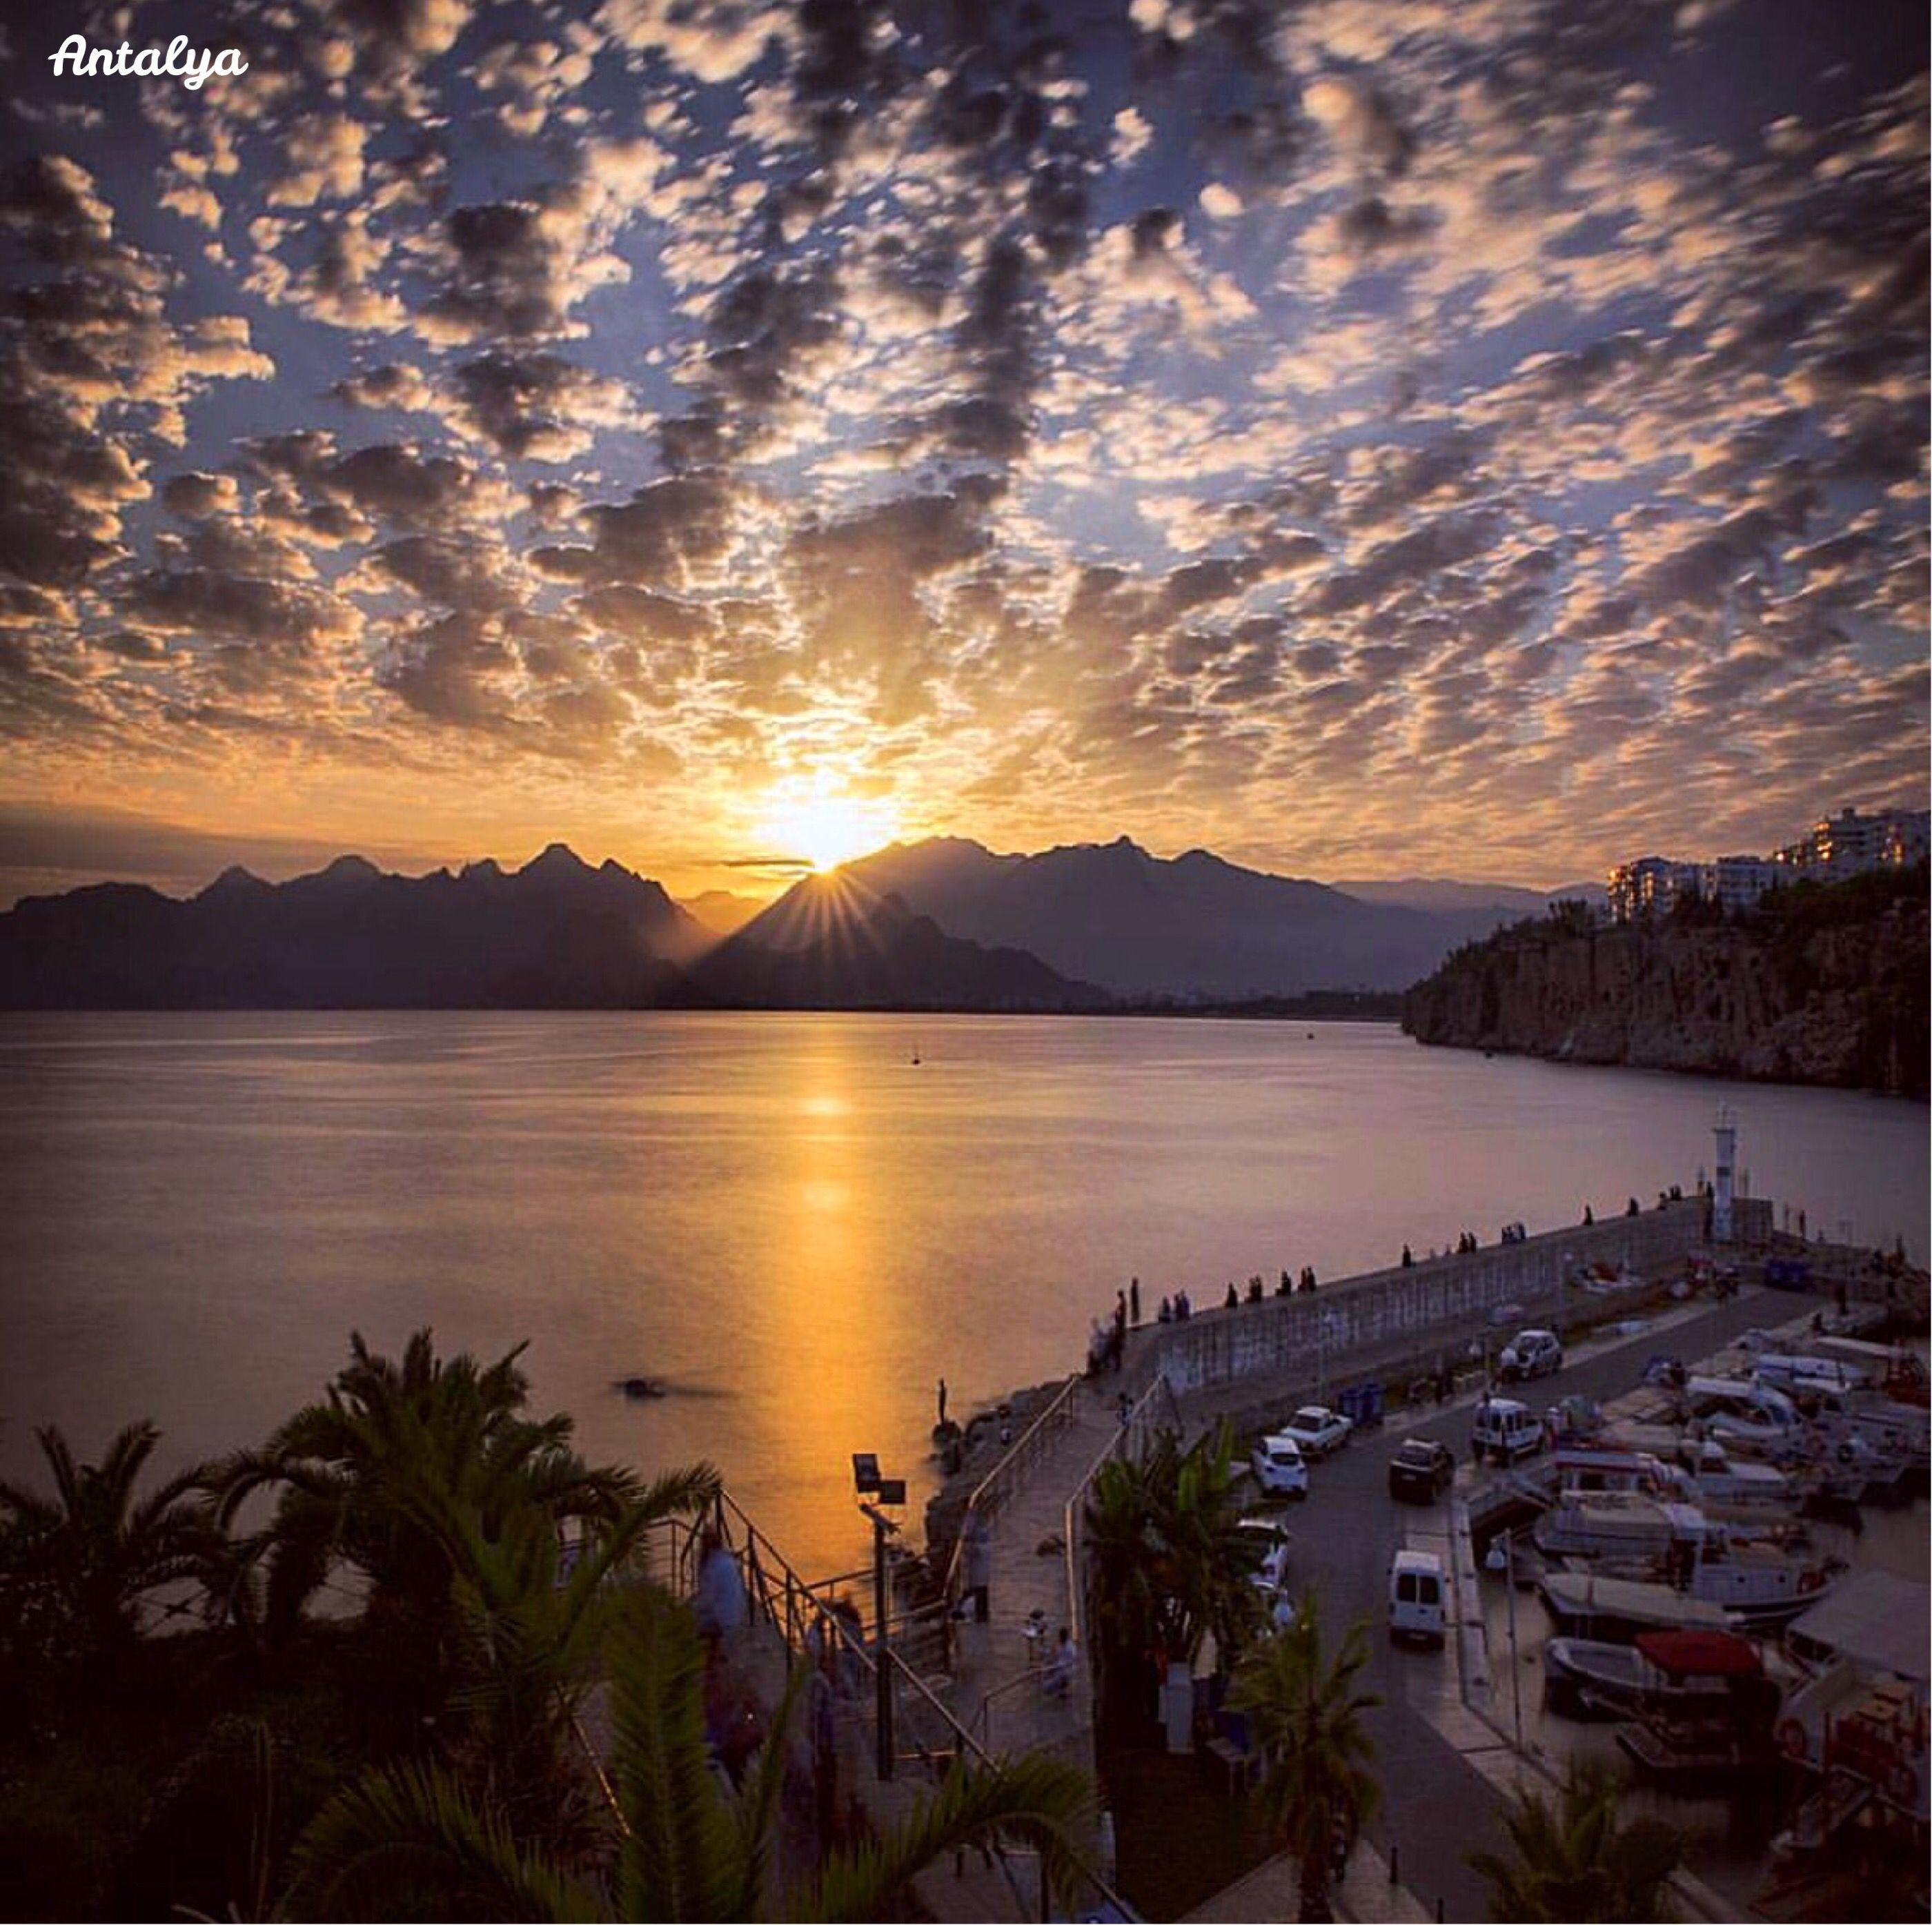 從安塔利亞老城碼頭欣賞地中海的落日美景。 ©onderkoca